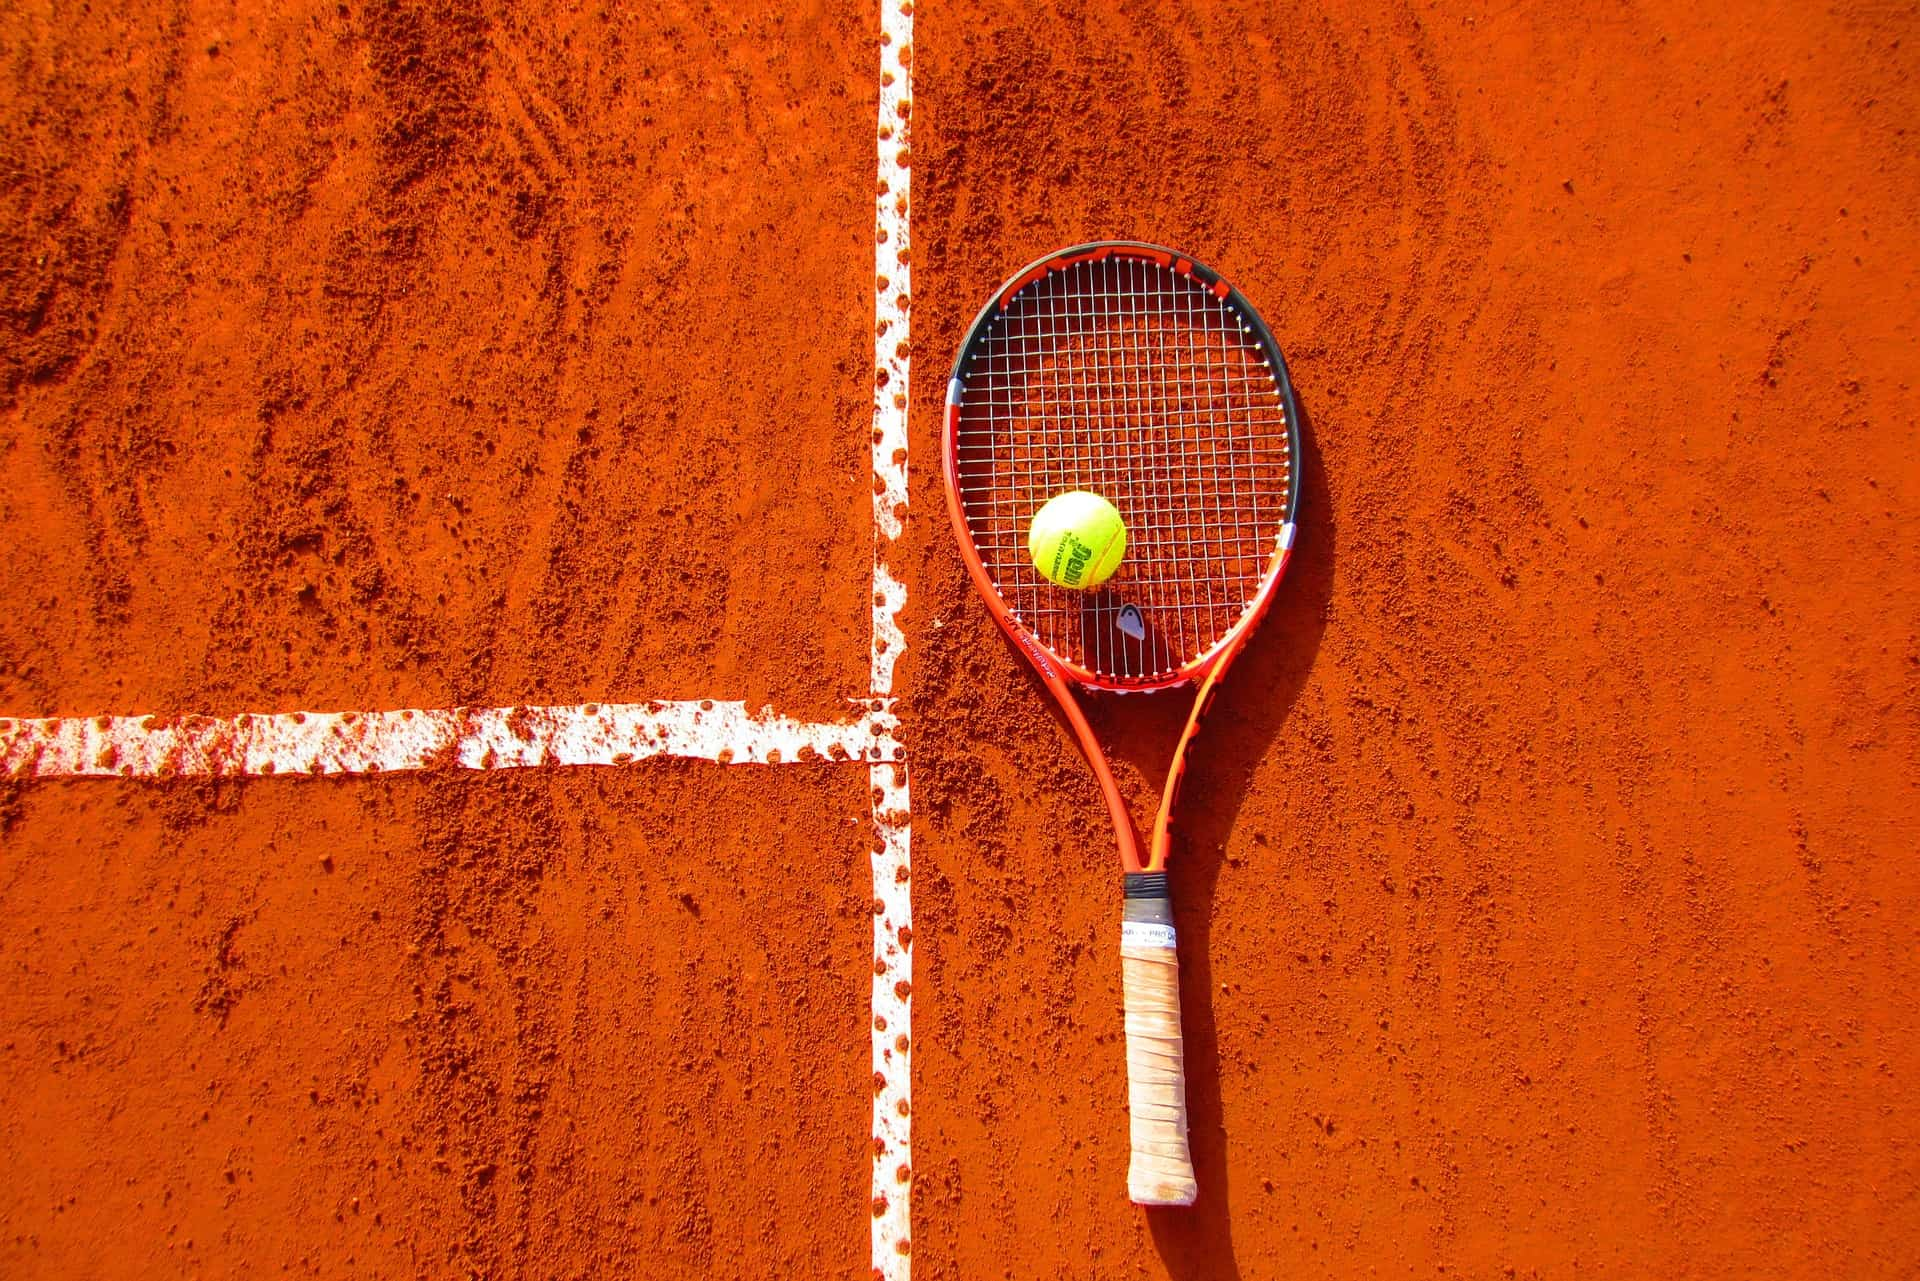 Imagem de uma quadra de tênis de saibro com uma raquete e uma bolinha em cima dela.